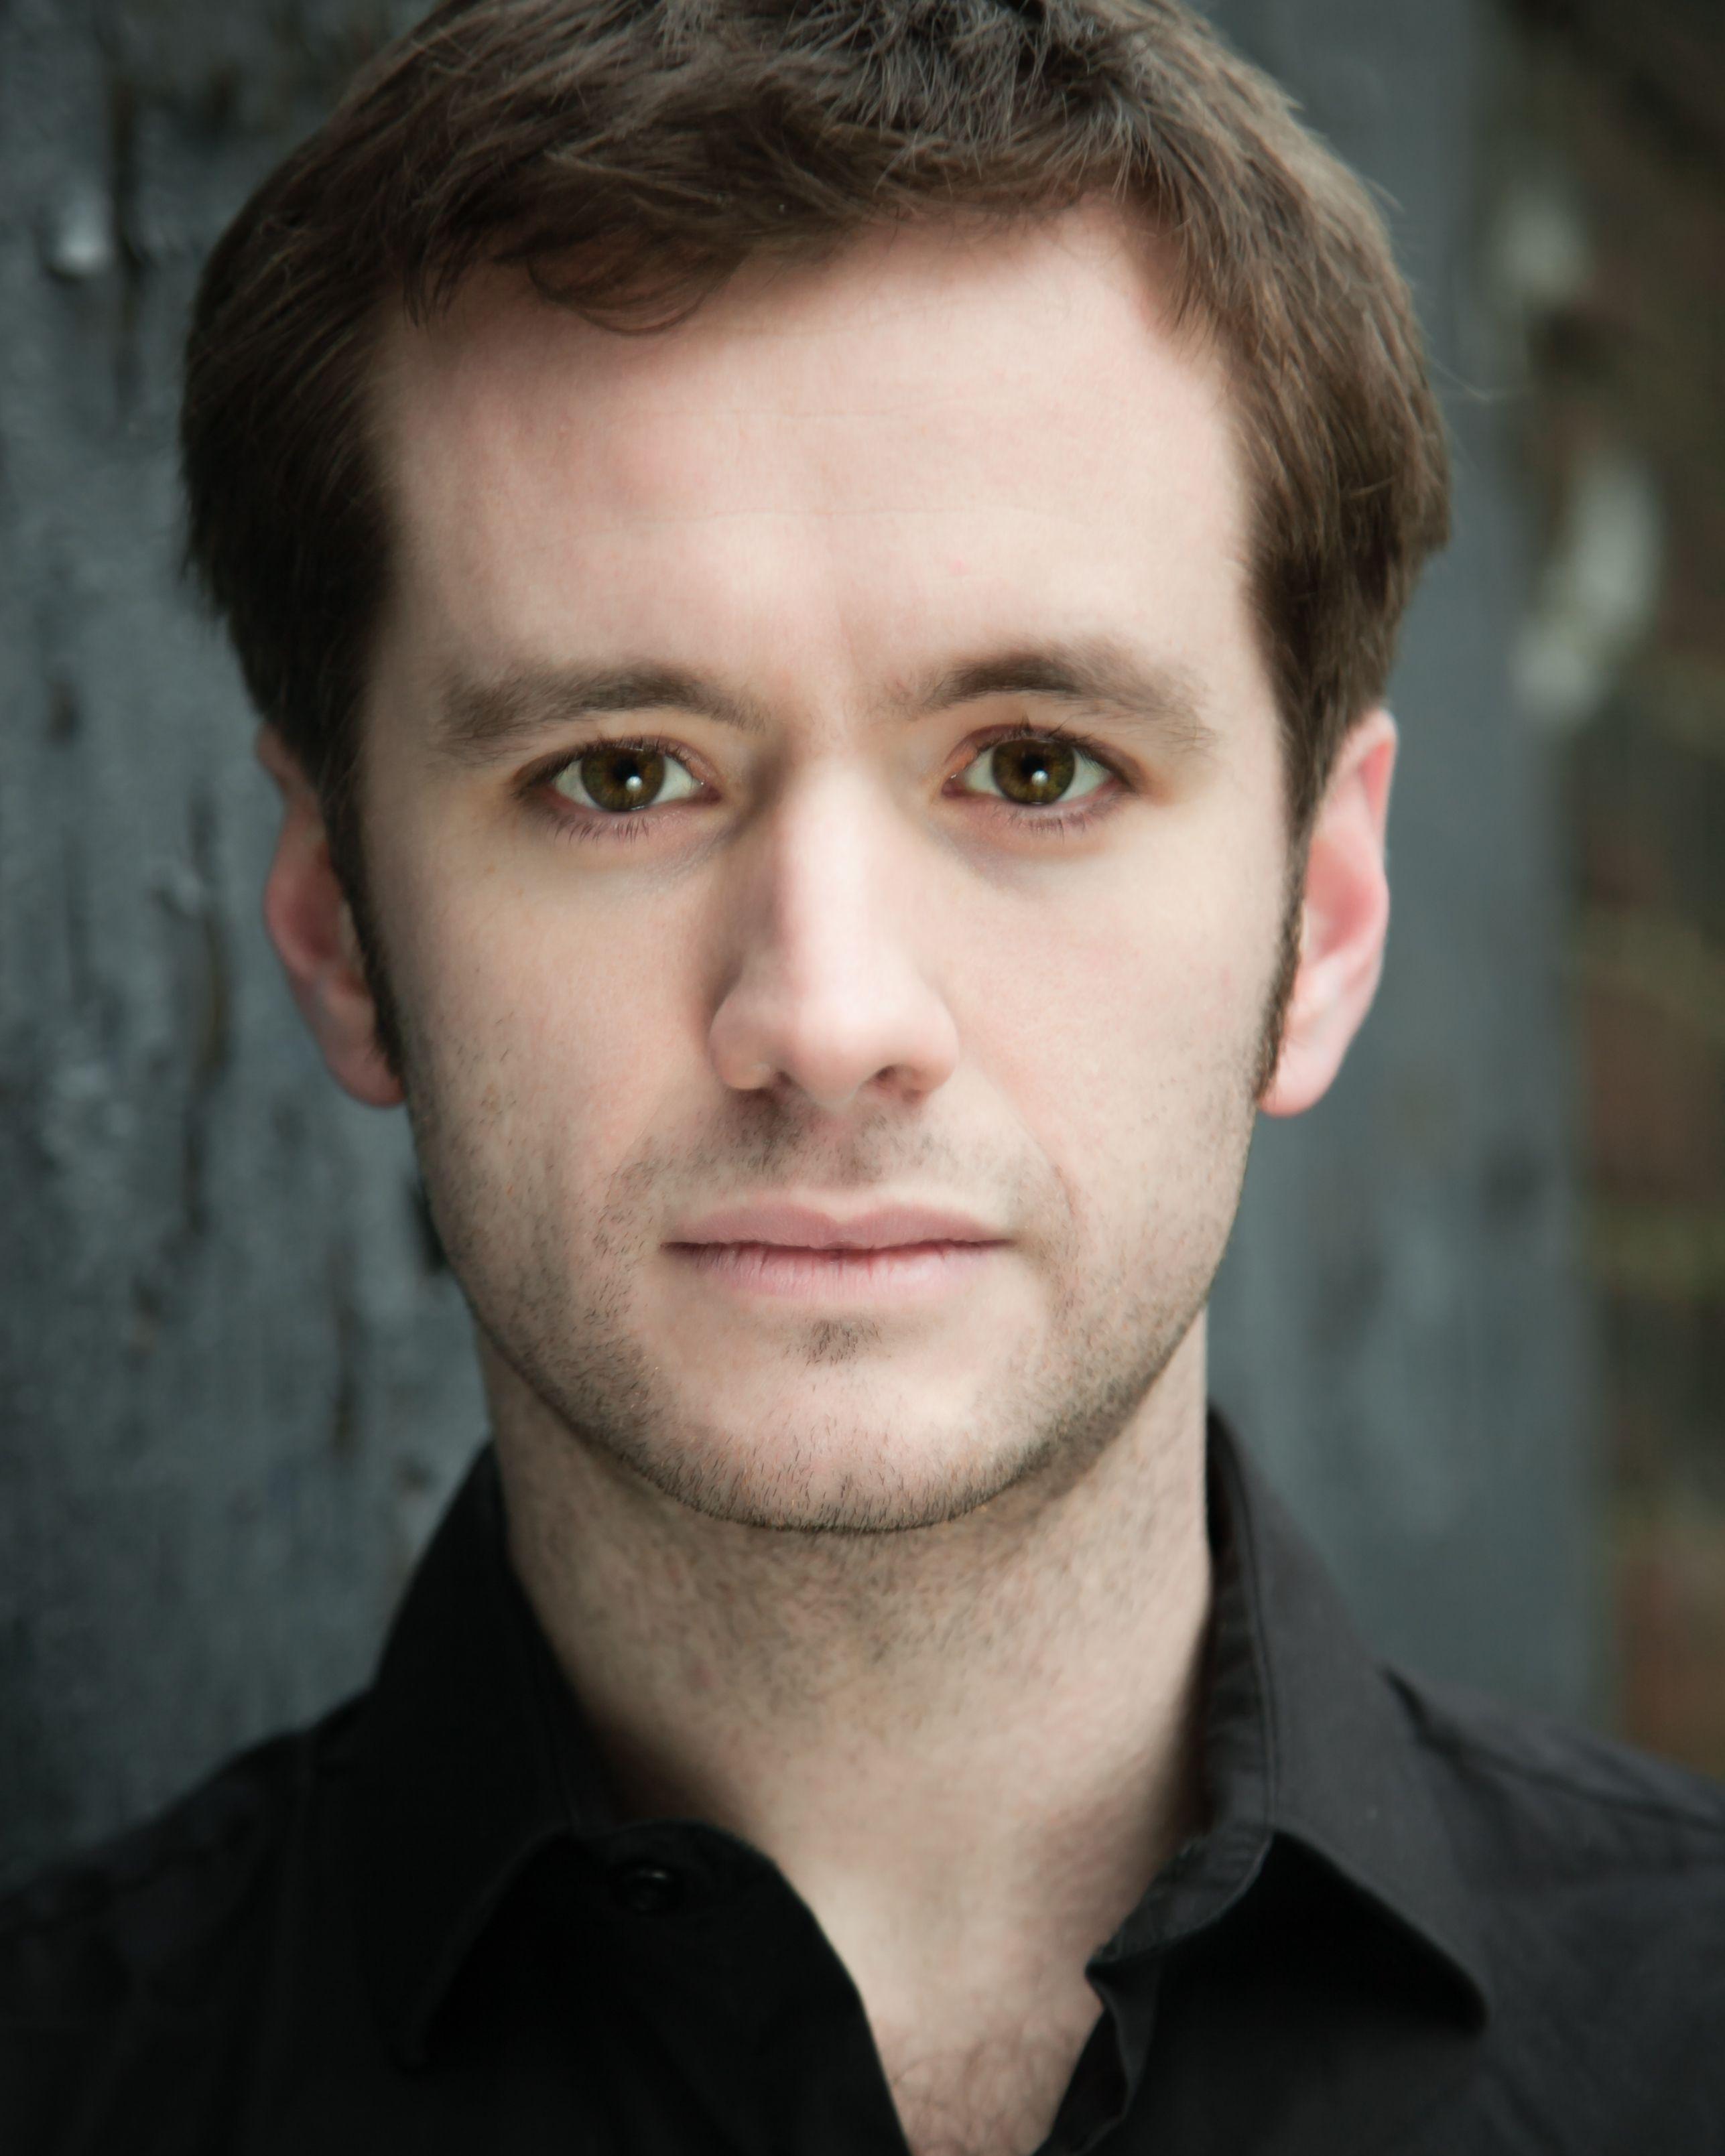 Sean Biggerstaff (born 1983)